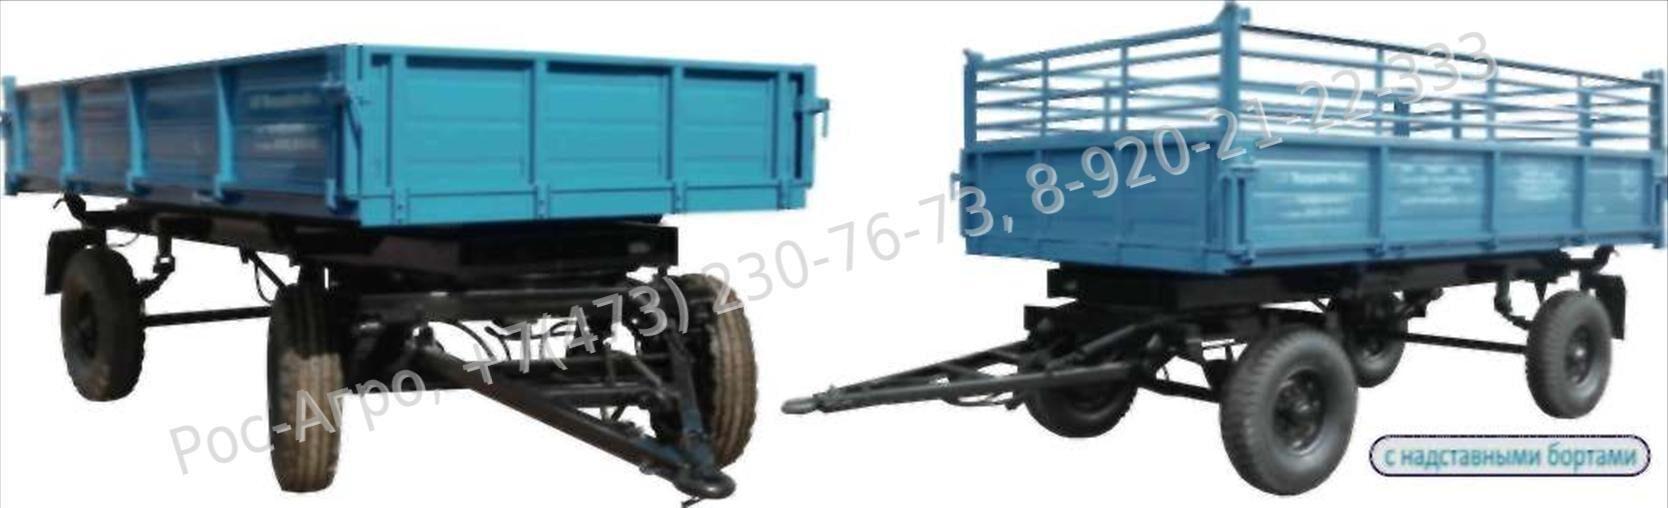 Средняя цена на тракторный прицеп марки 2птс4